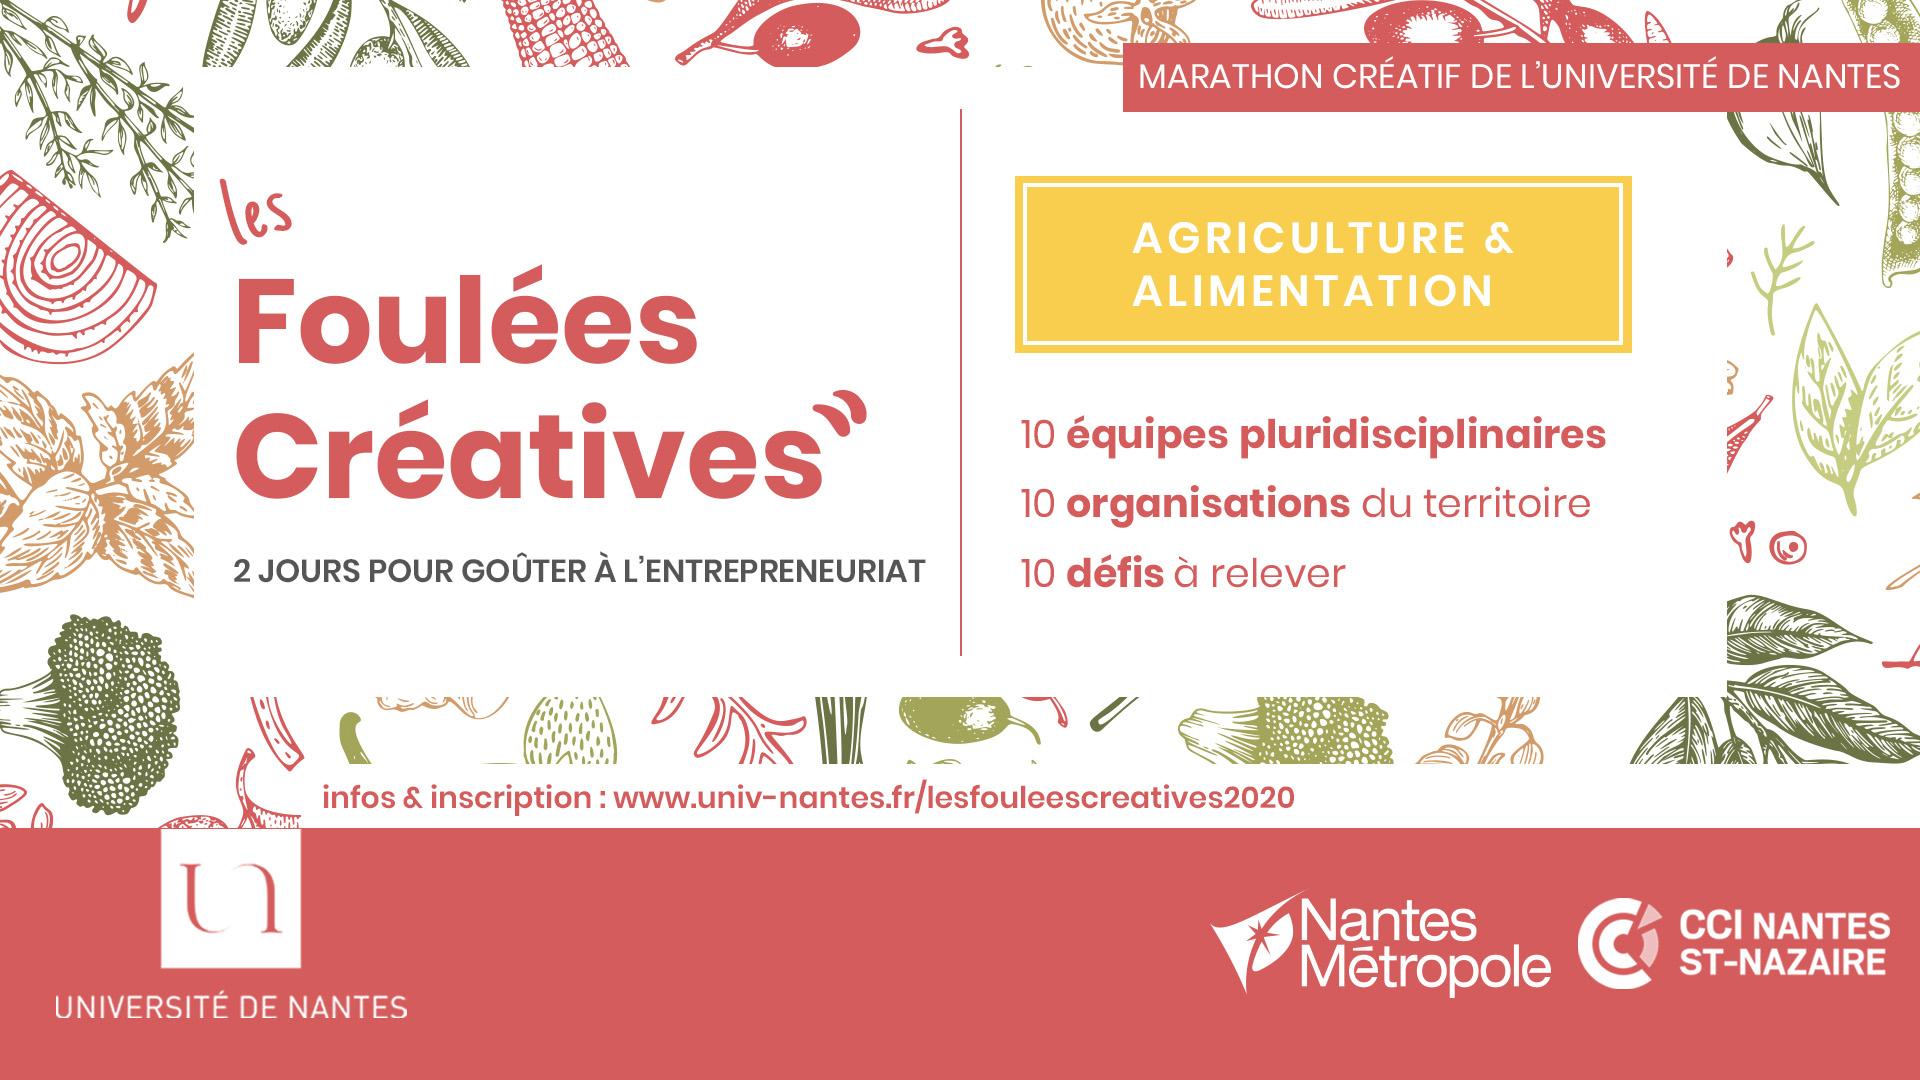 Les Foulées Créatives - marathon créatif pluridisciplinaire - Université de Nantes